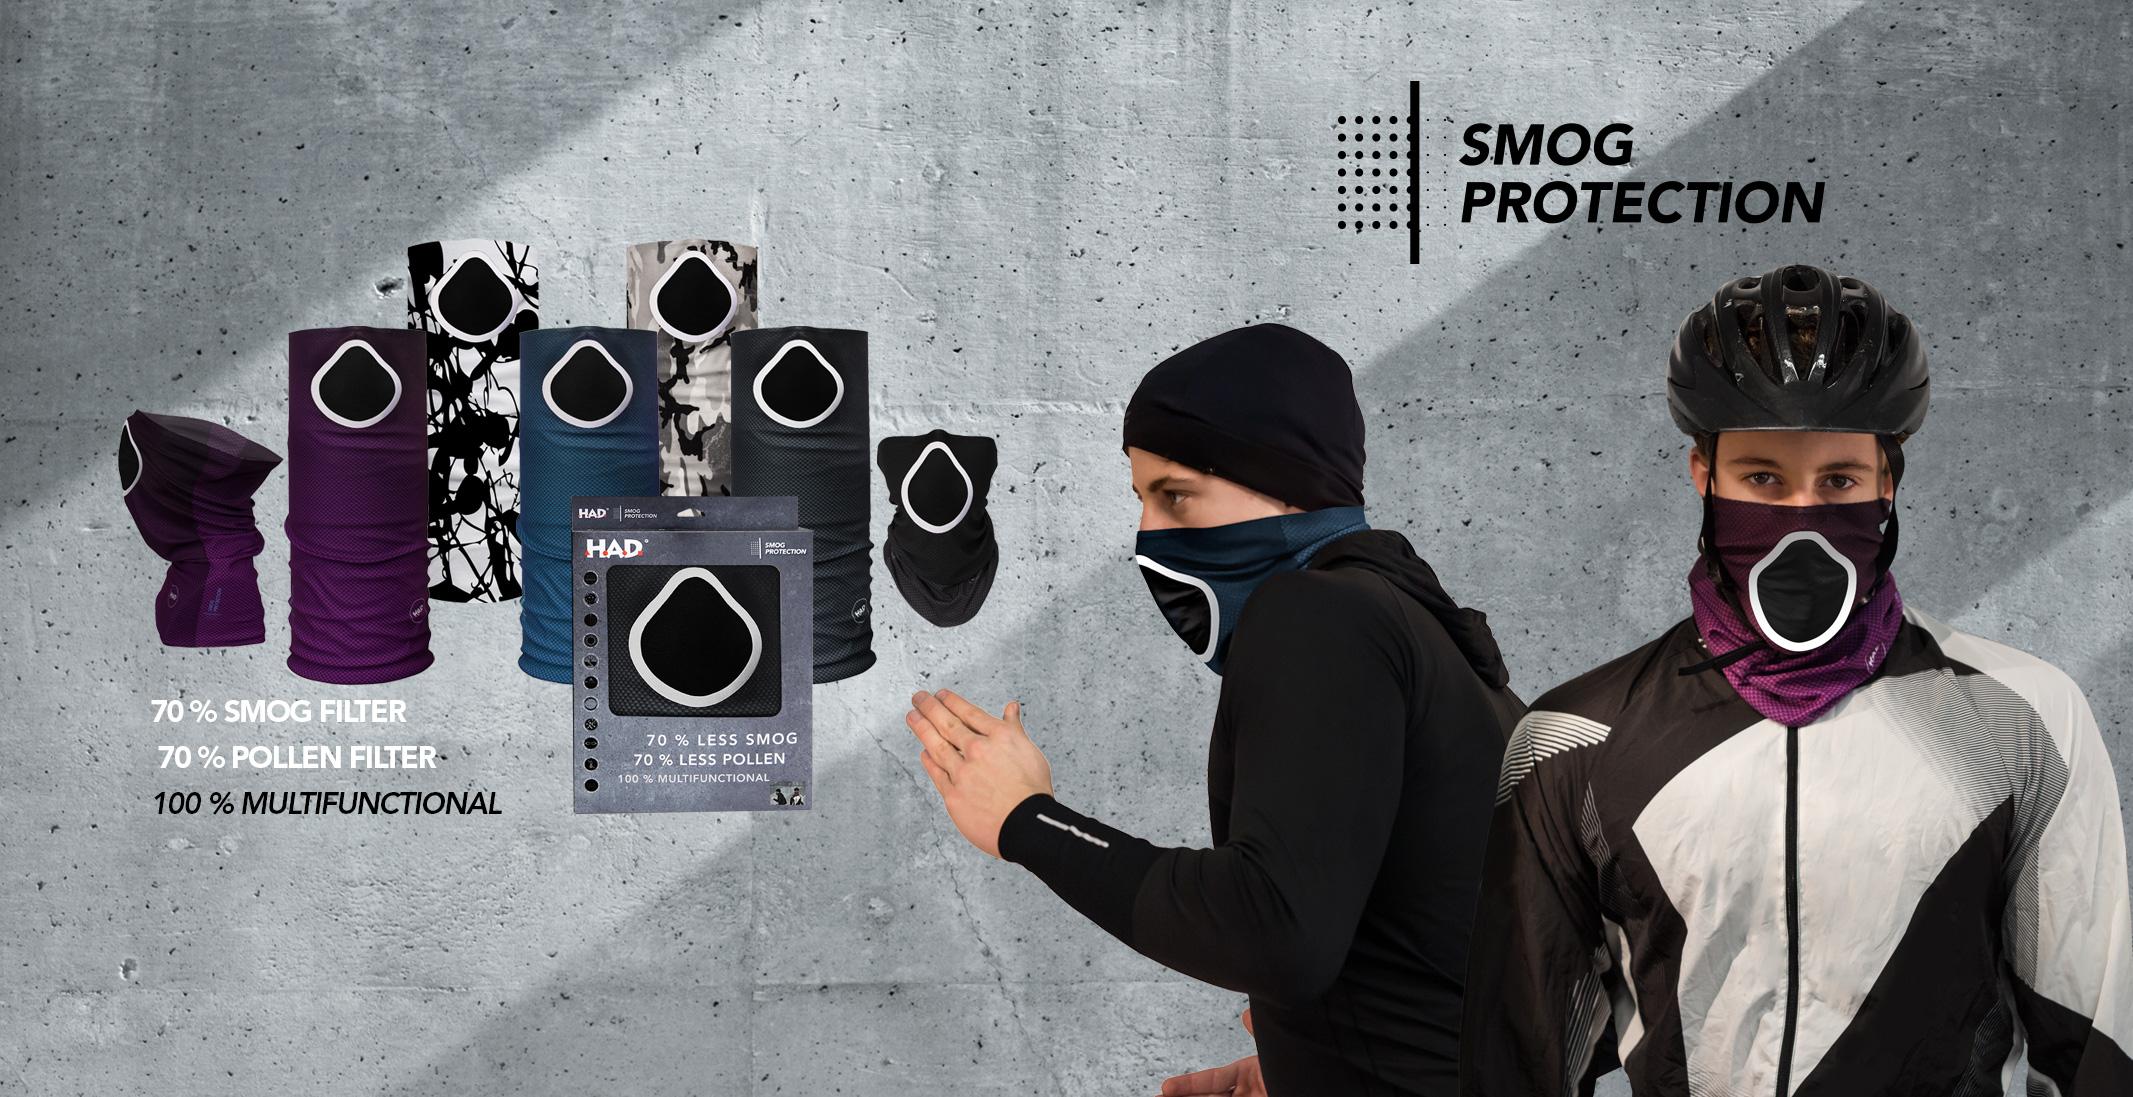 Smog Protection